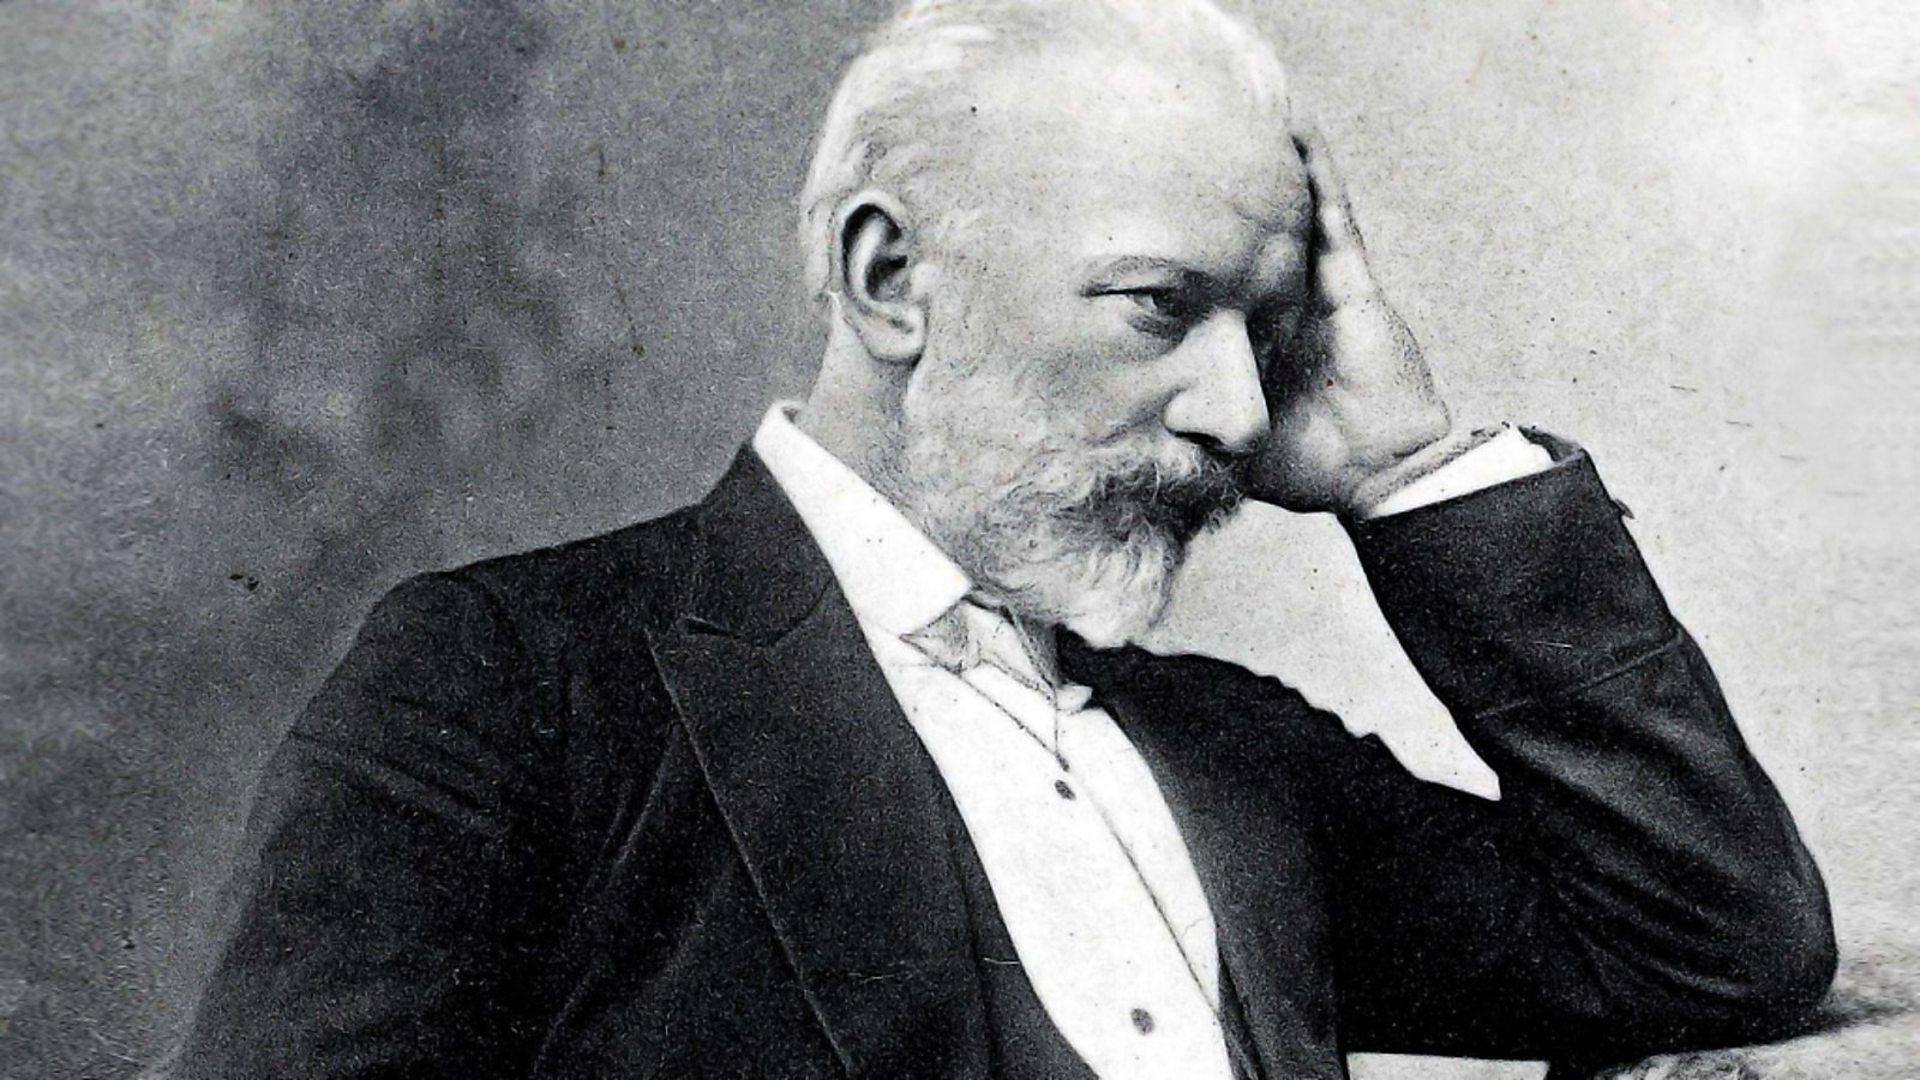 Cuộc đời và sự nghiệp sóng gió của Tchaikovsky